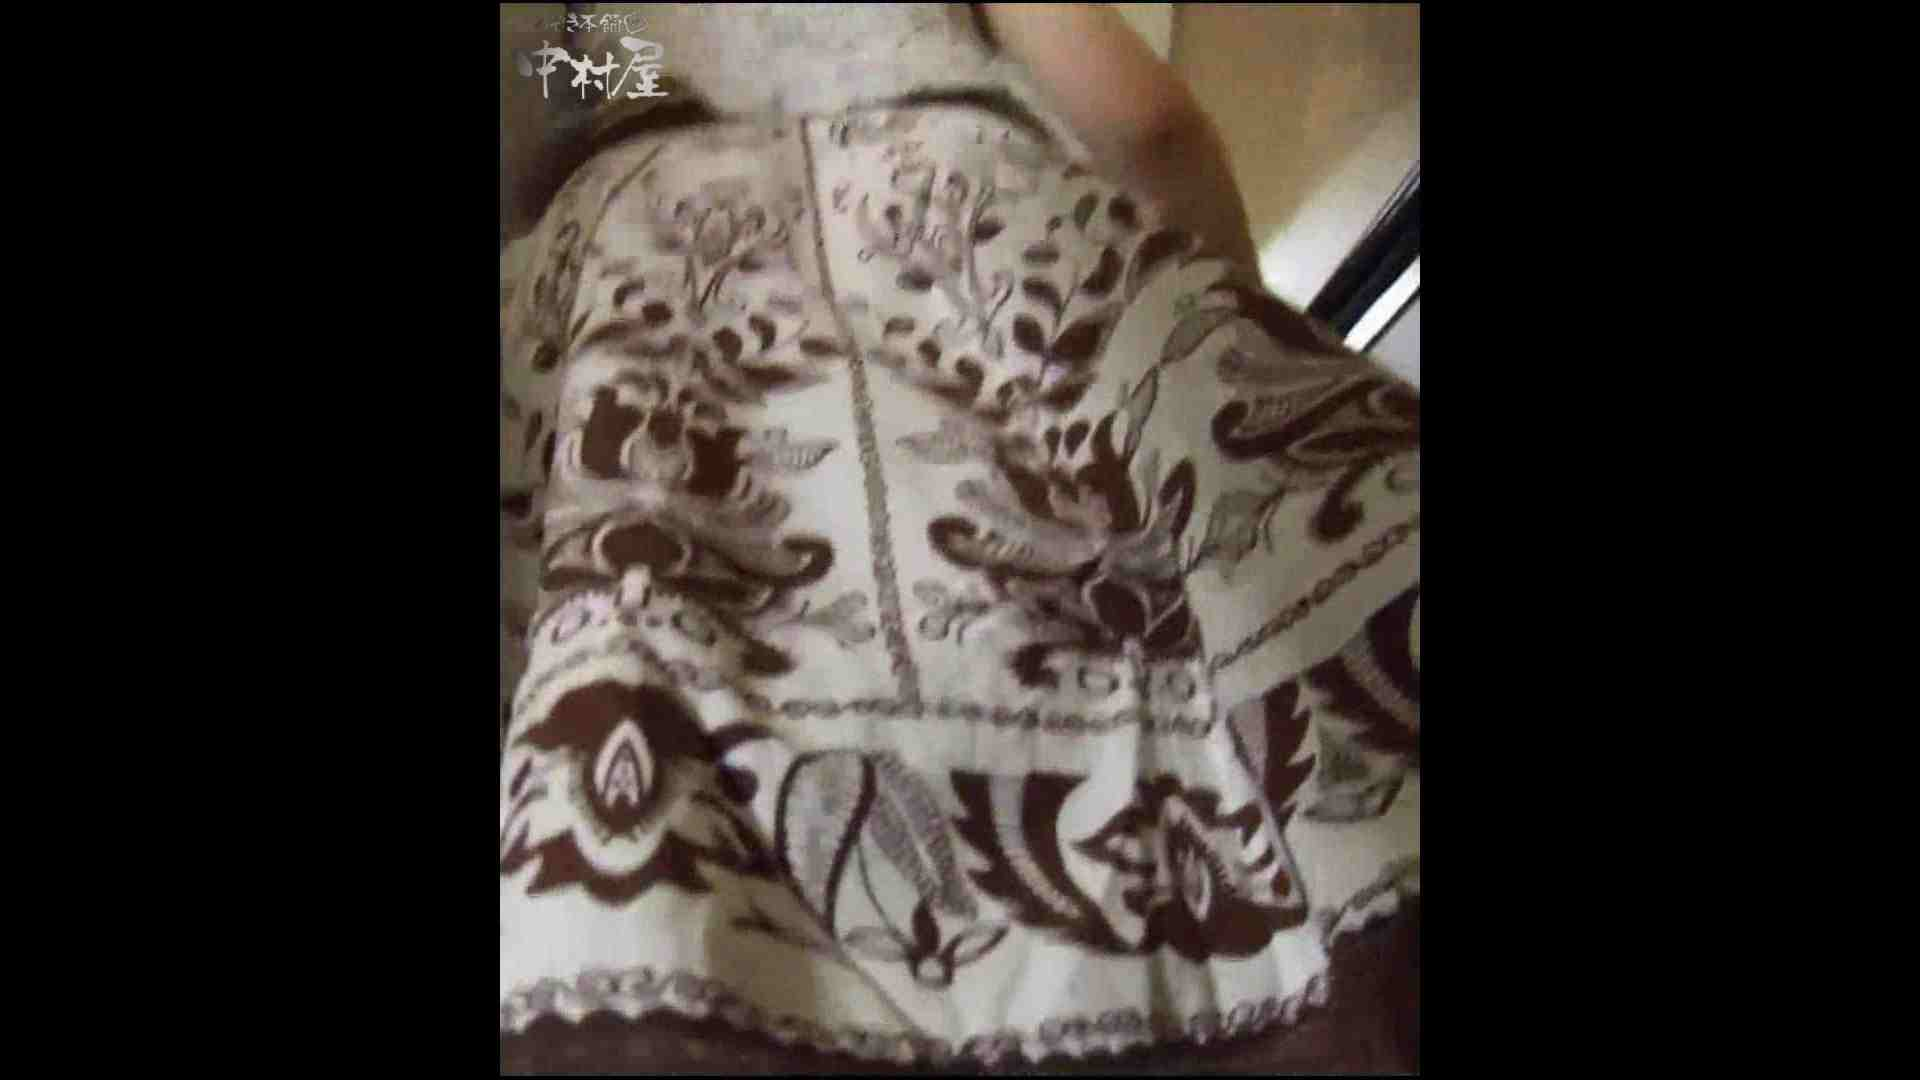 綺麗なモデルさんのスカート捲っちゃおう‼ vol11 OLエロ画像 | お姉さん  61PICs 55